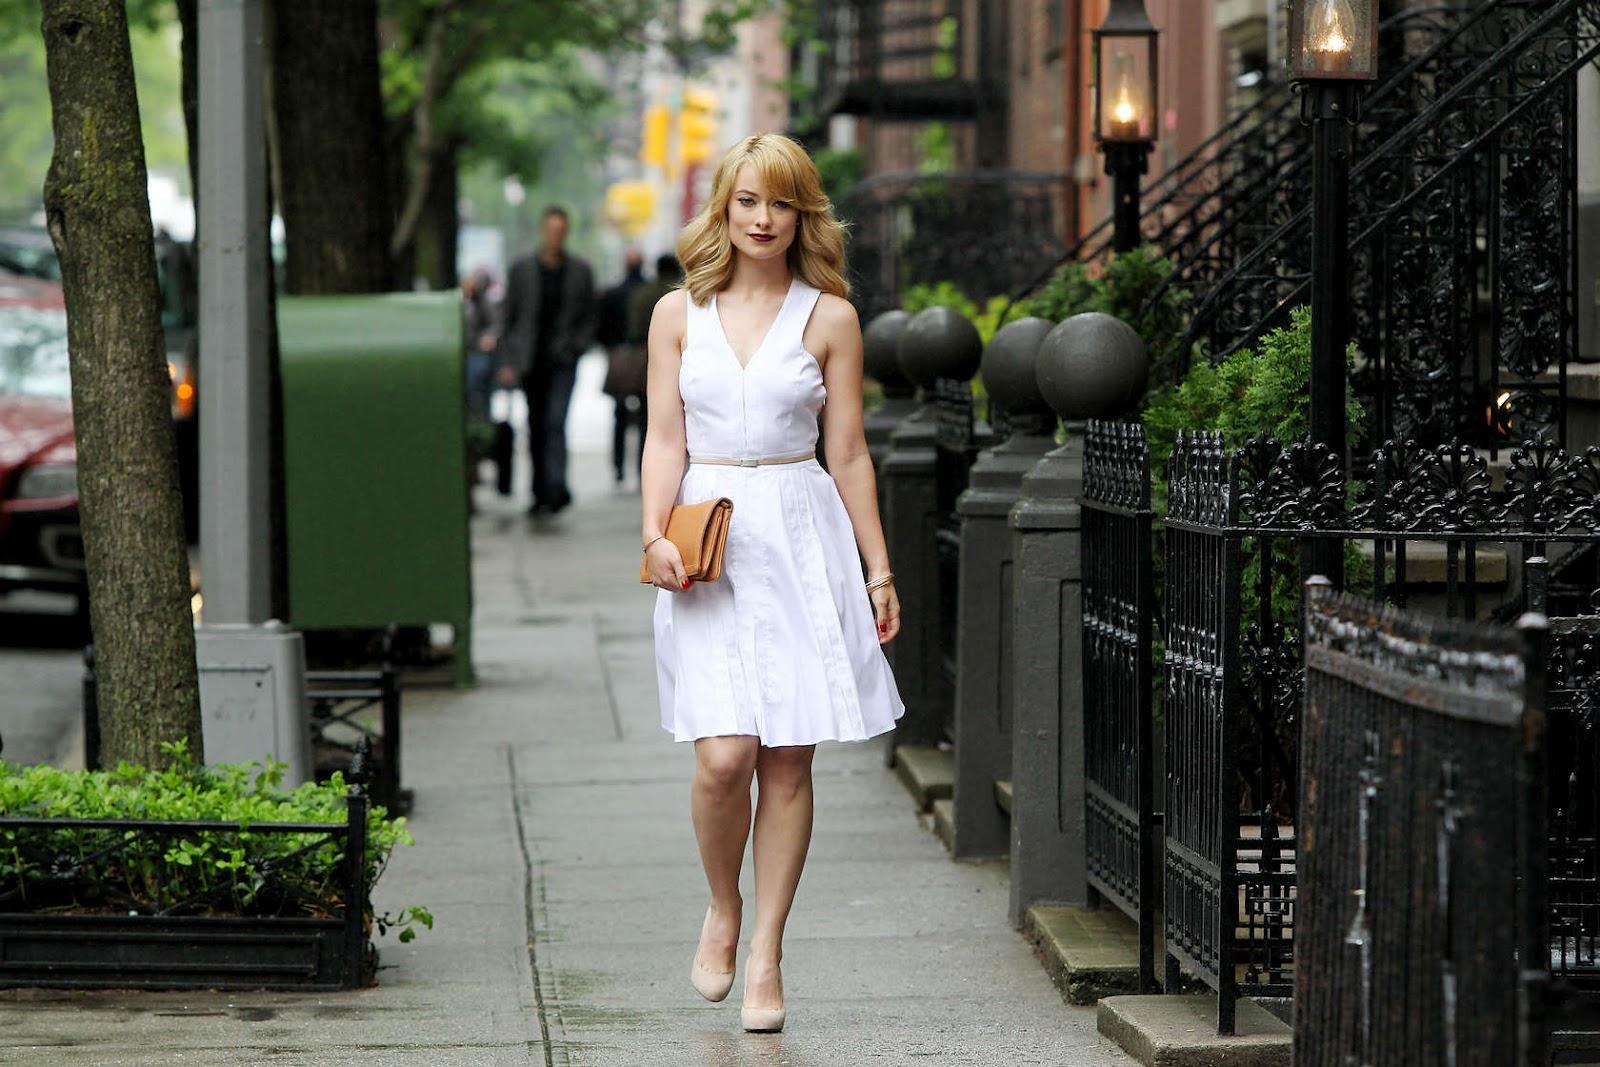 http://1.bp.blogspot.com/-xjJZmZMKeZ8/T6WCQLv_OUI/AAAAAAAAESU/5ZNedNRt_4g/s1600/OLIVIA-WILDE-Revlon-commercial-NY-09.jpg